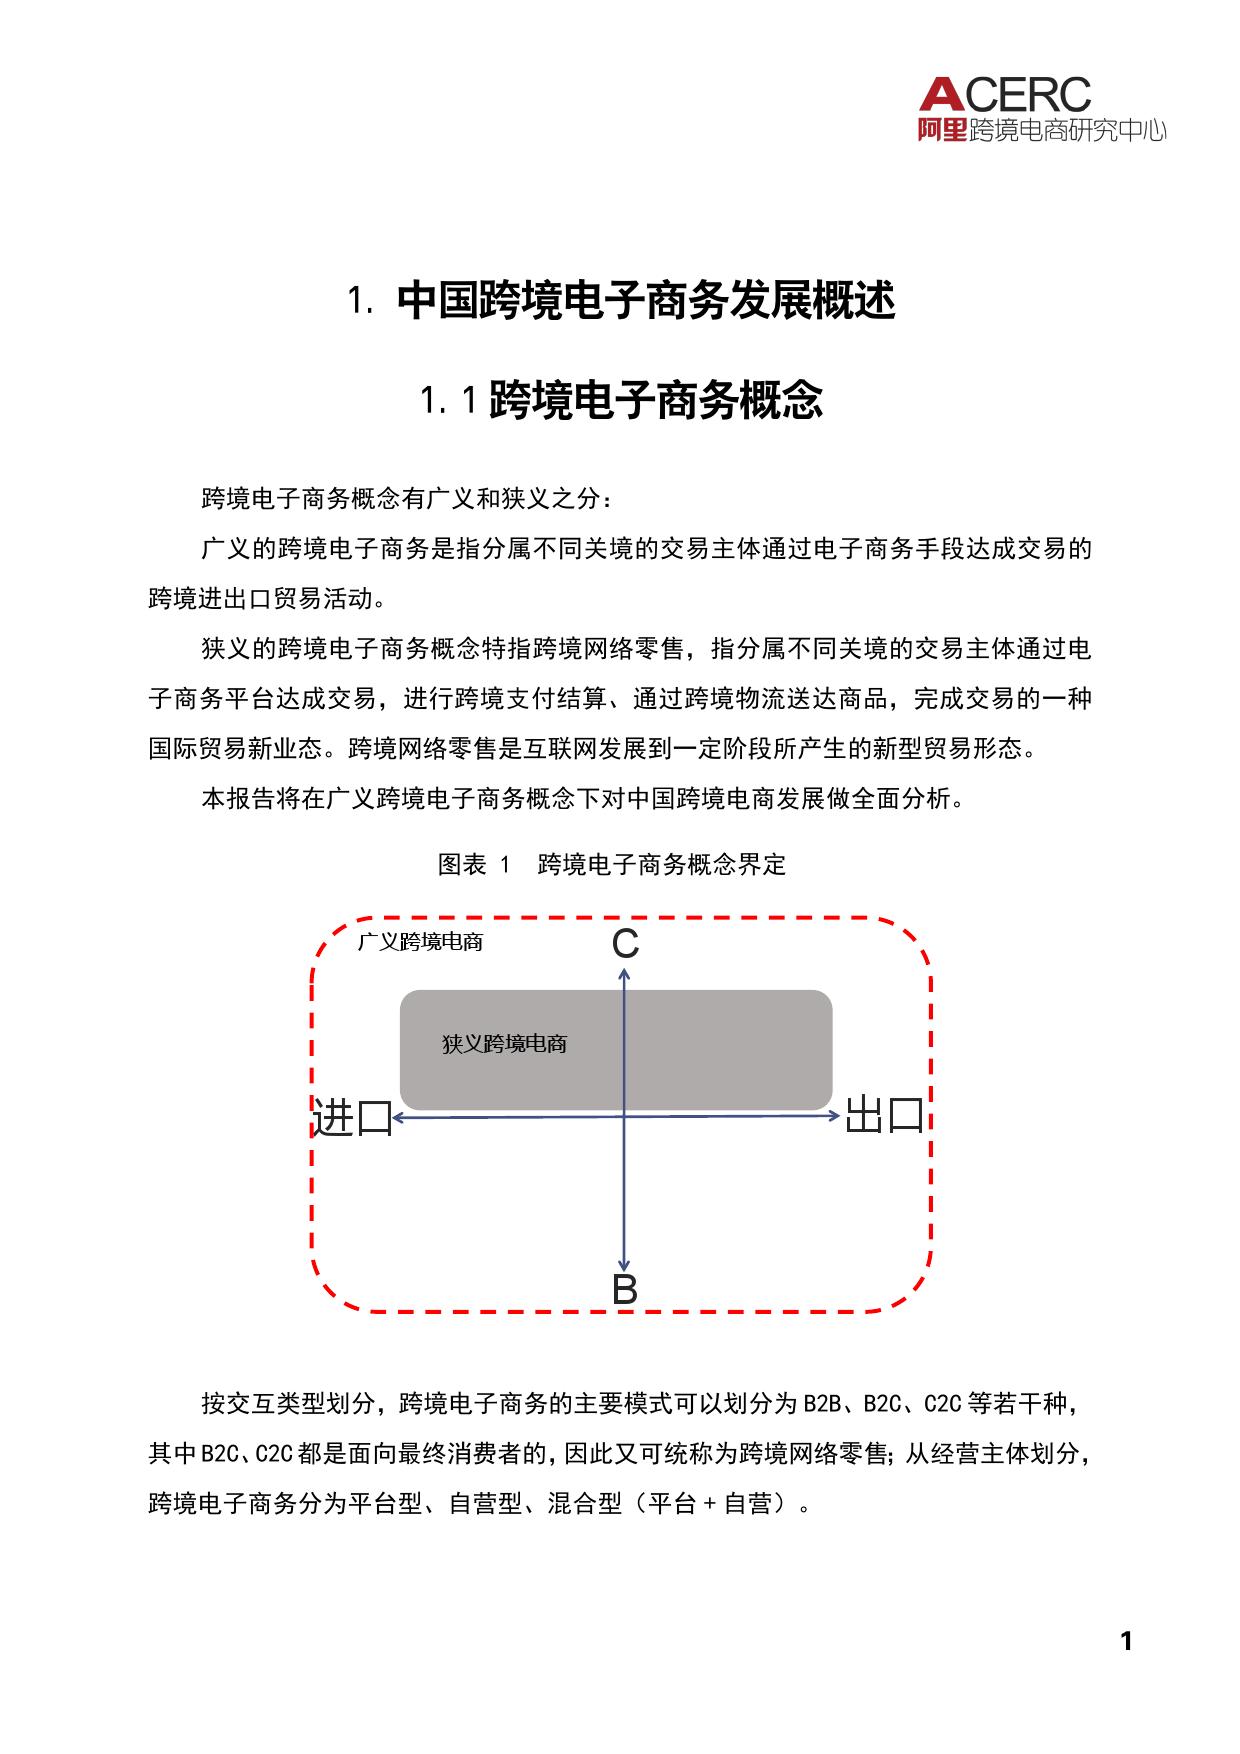 2016中国跨境电商发展报告_000005